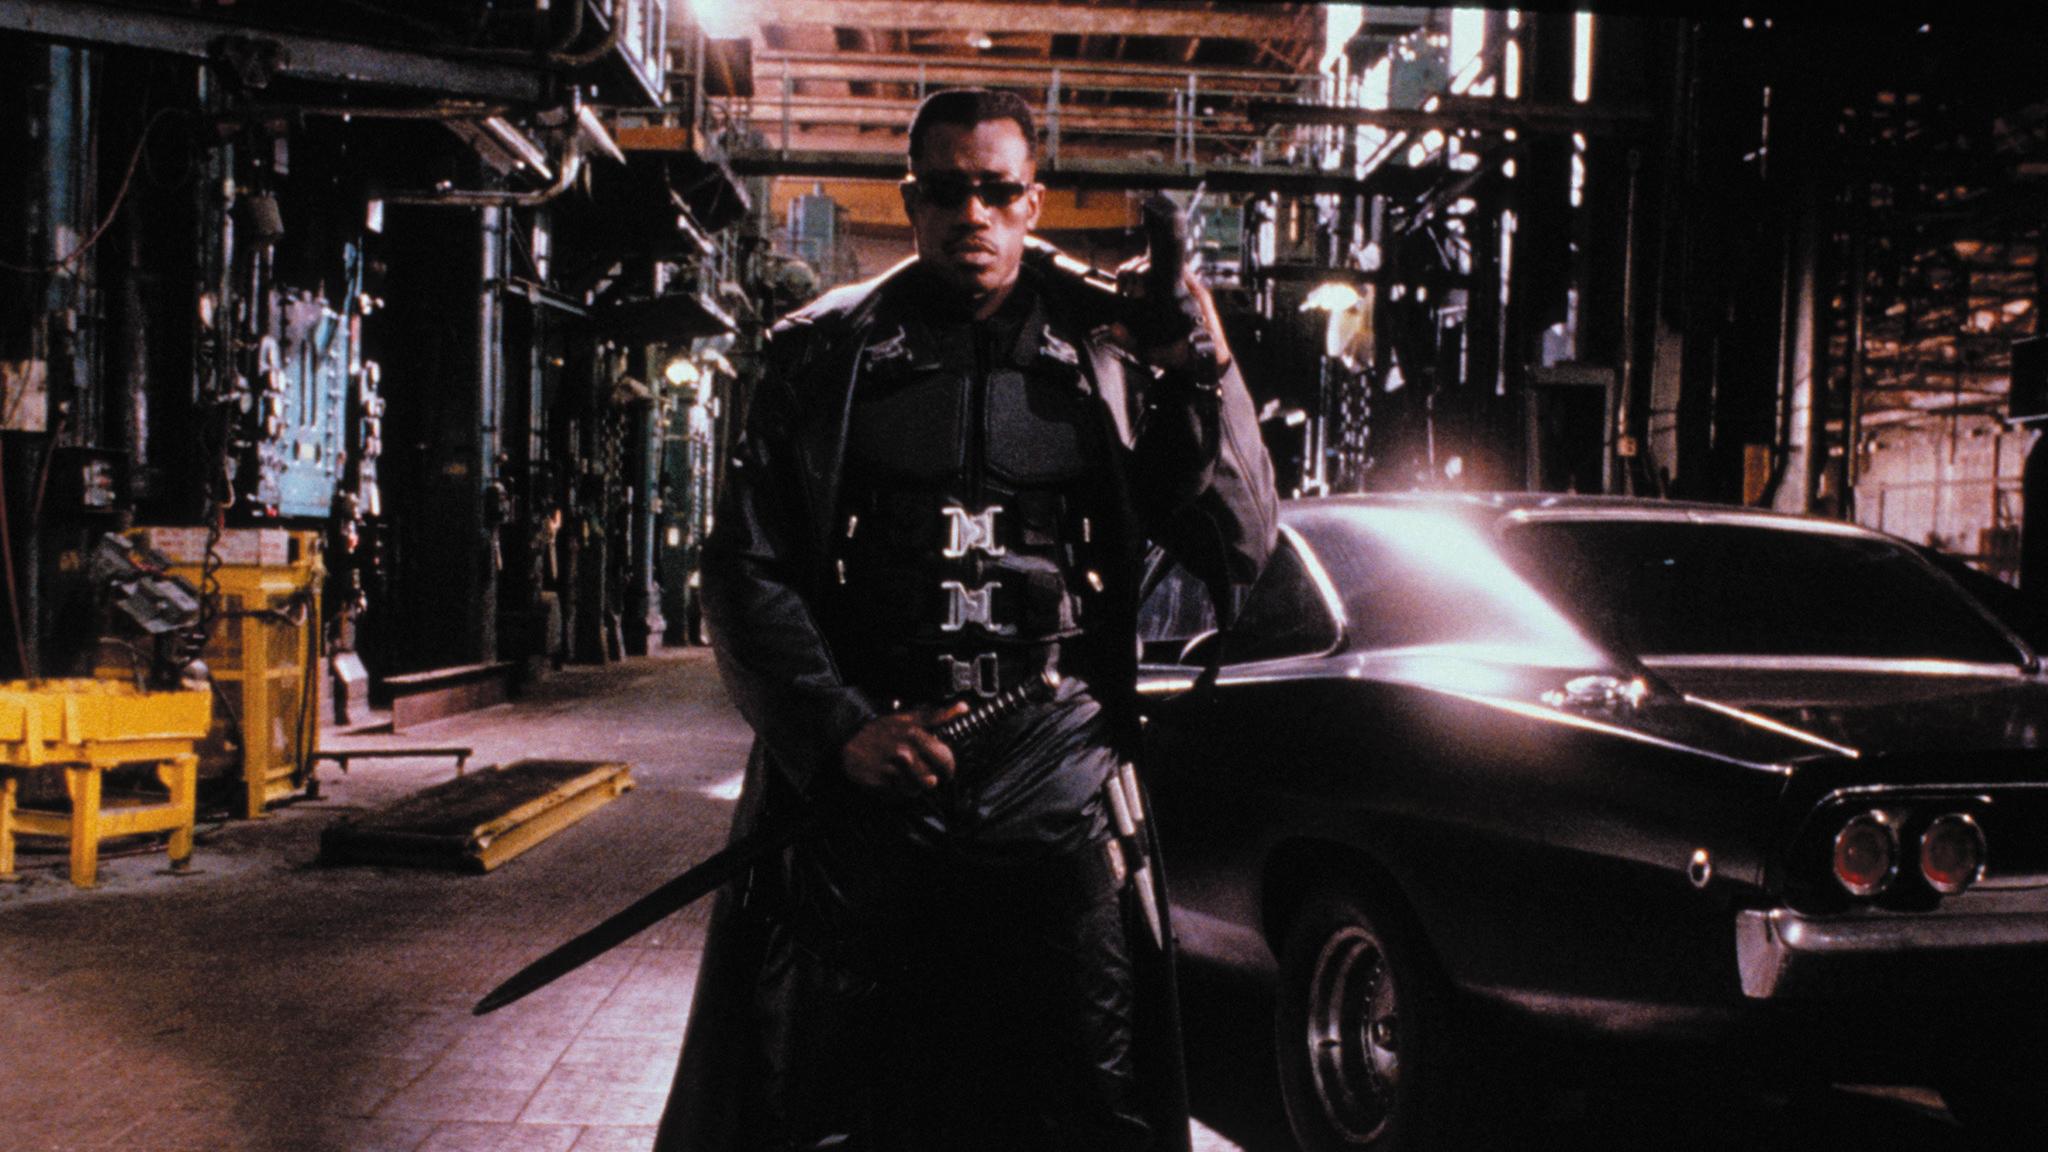 Blade, superhero movies